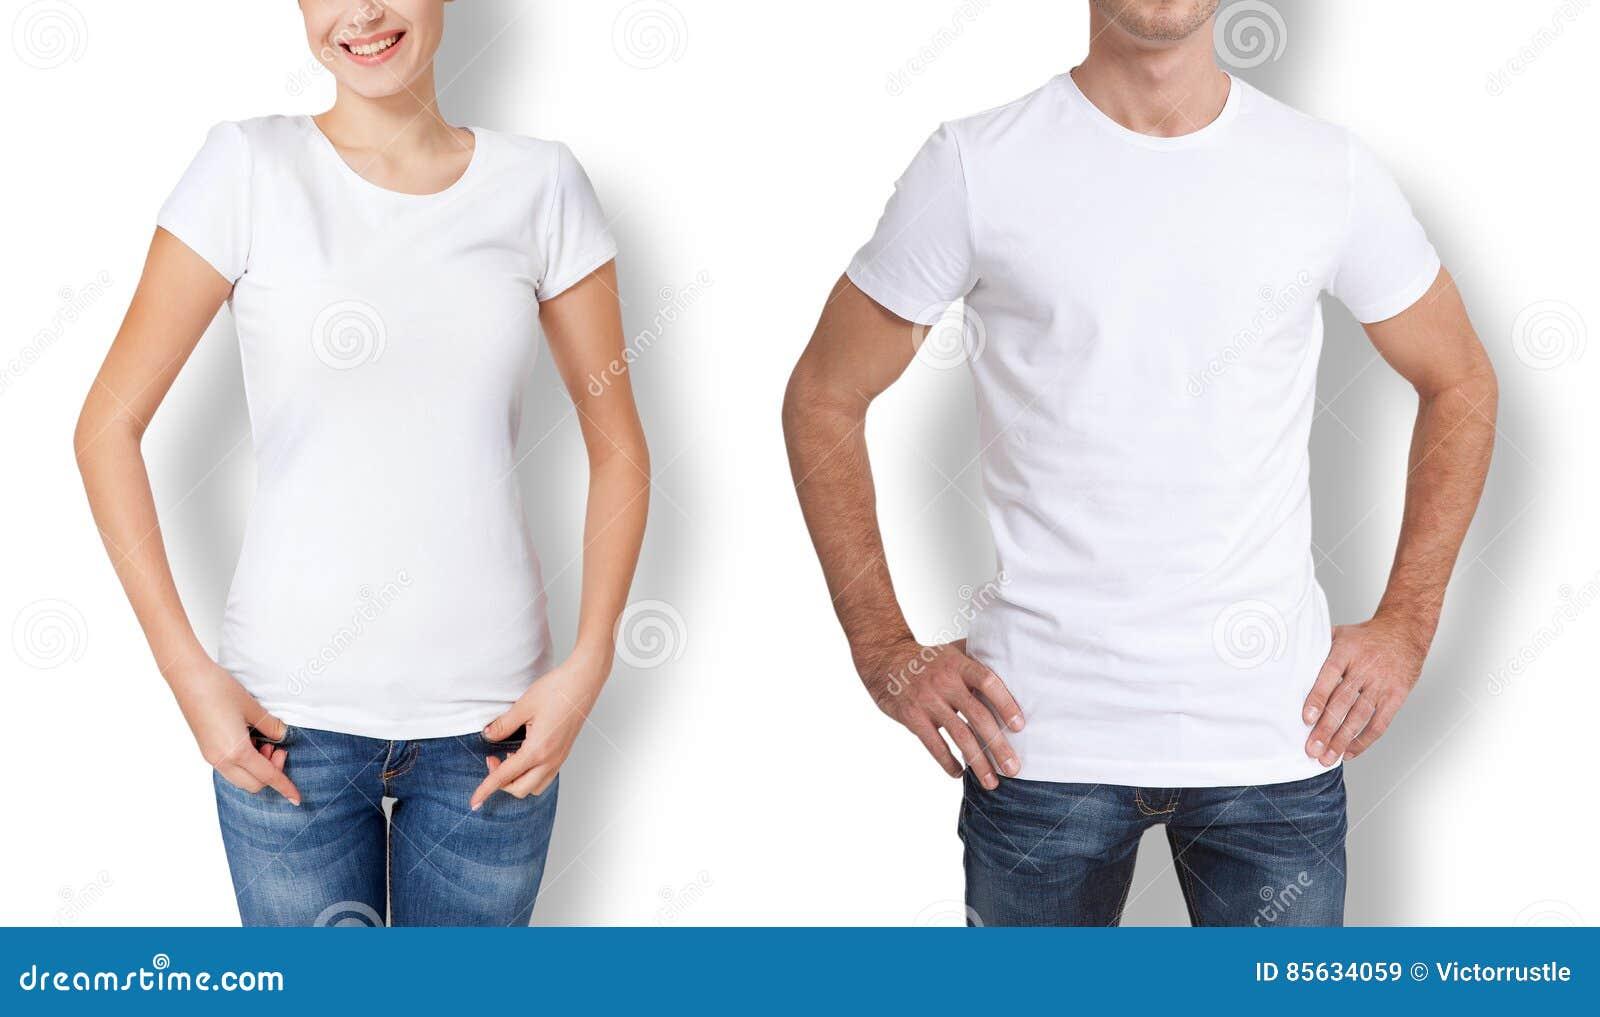 Koszulowy projekt i ludzie pojęć - zamyka up młody człowiek i kobieta w pustej białej koszulce